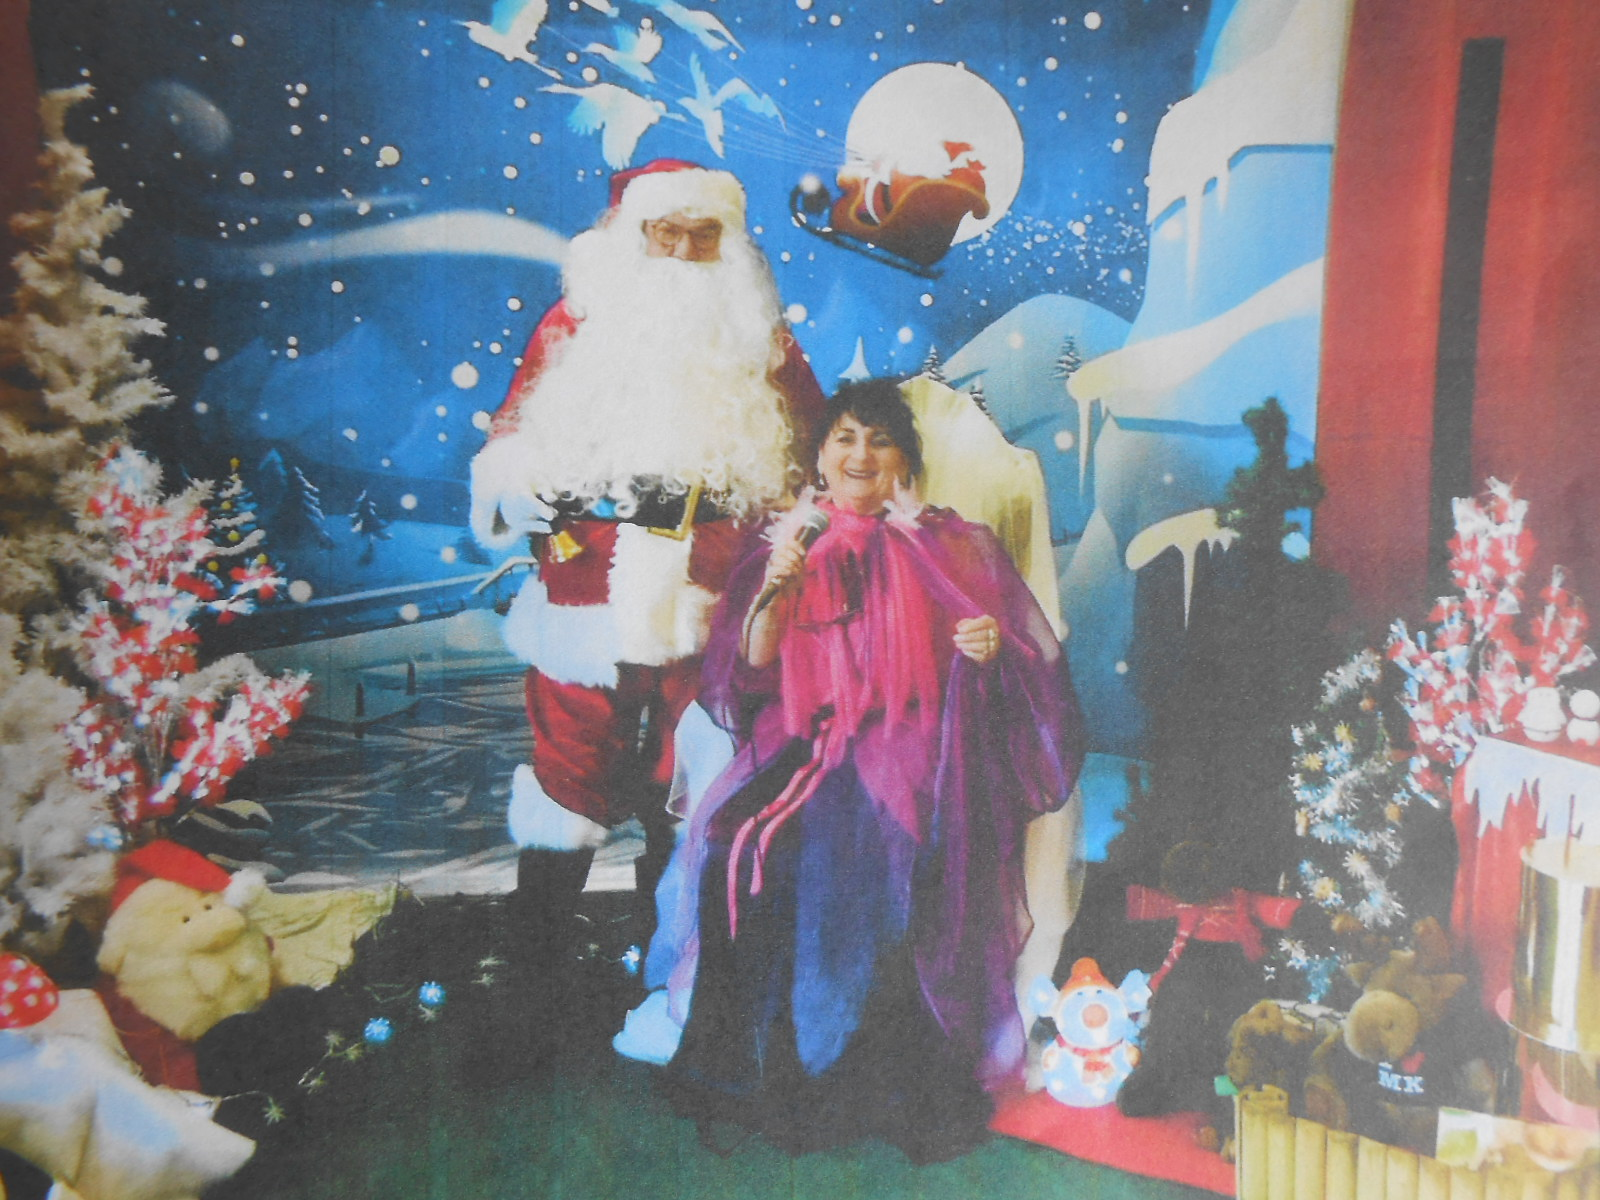 Découvrez la conteuse Dominique Develet pendant les fêtes de fin d'année